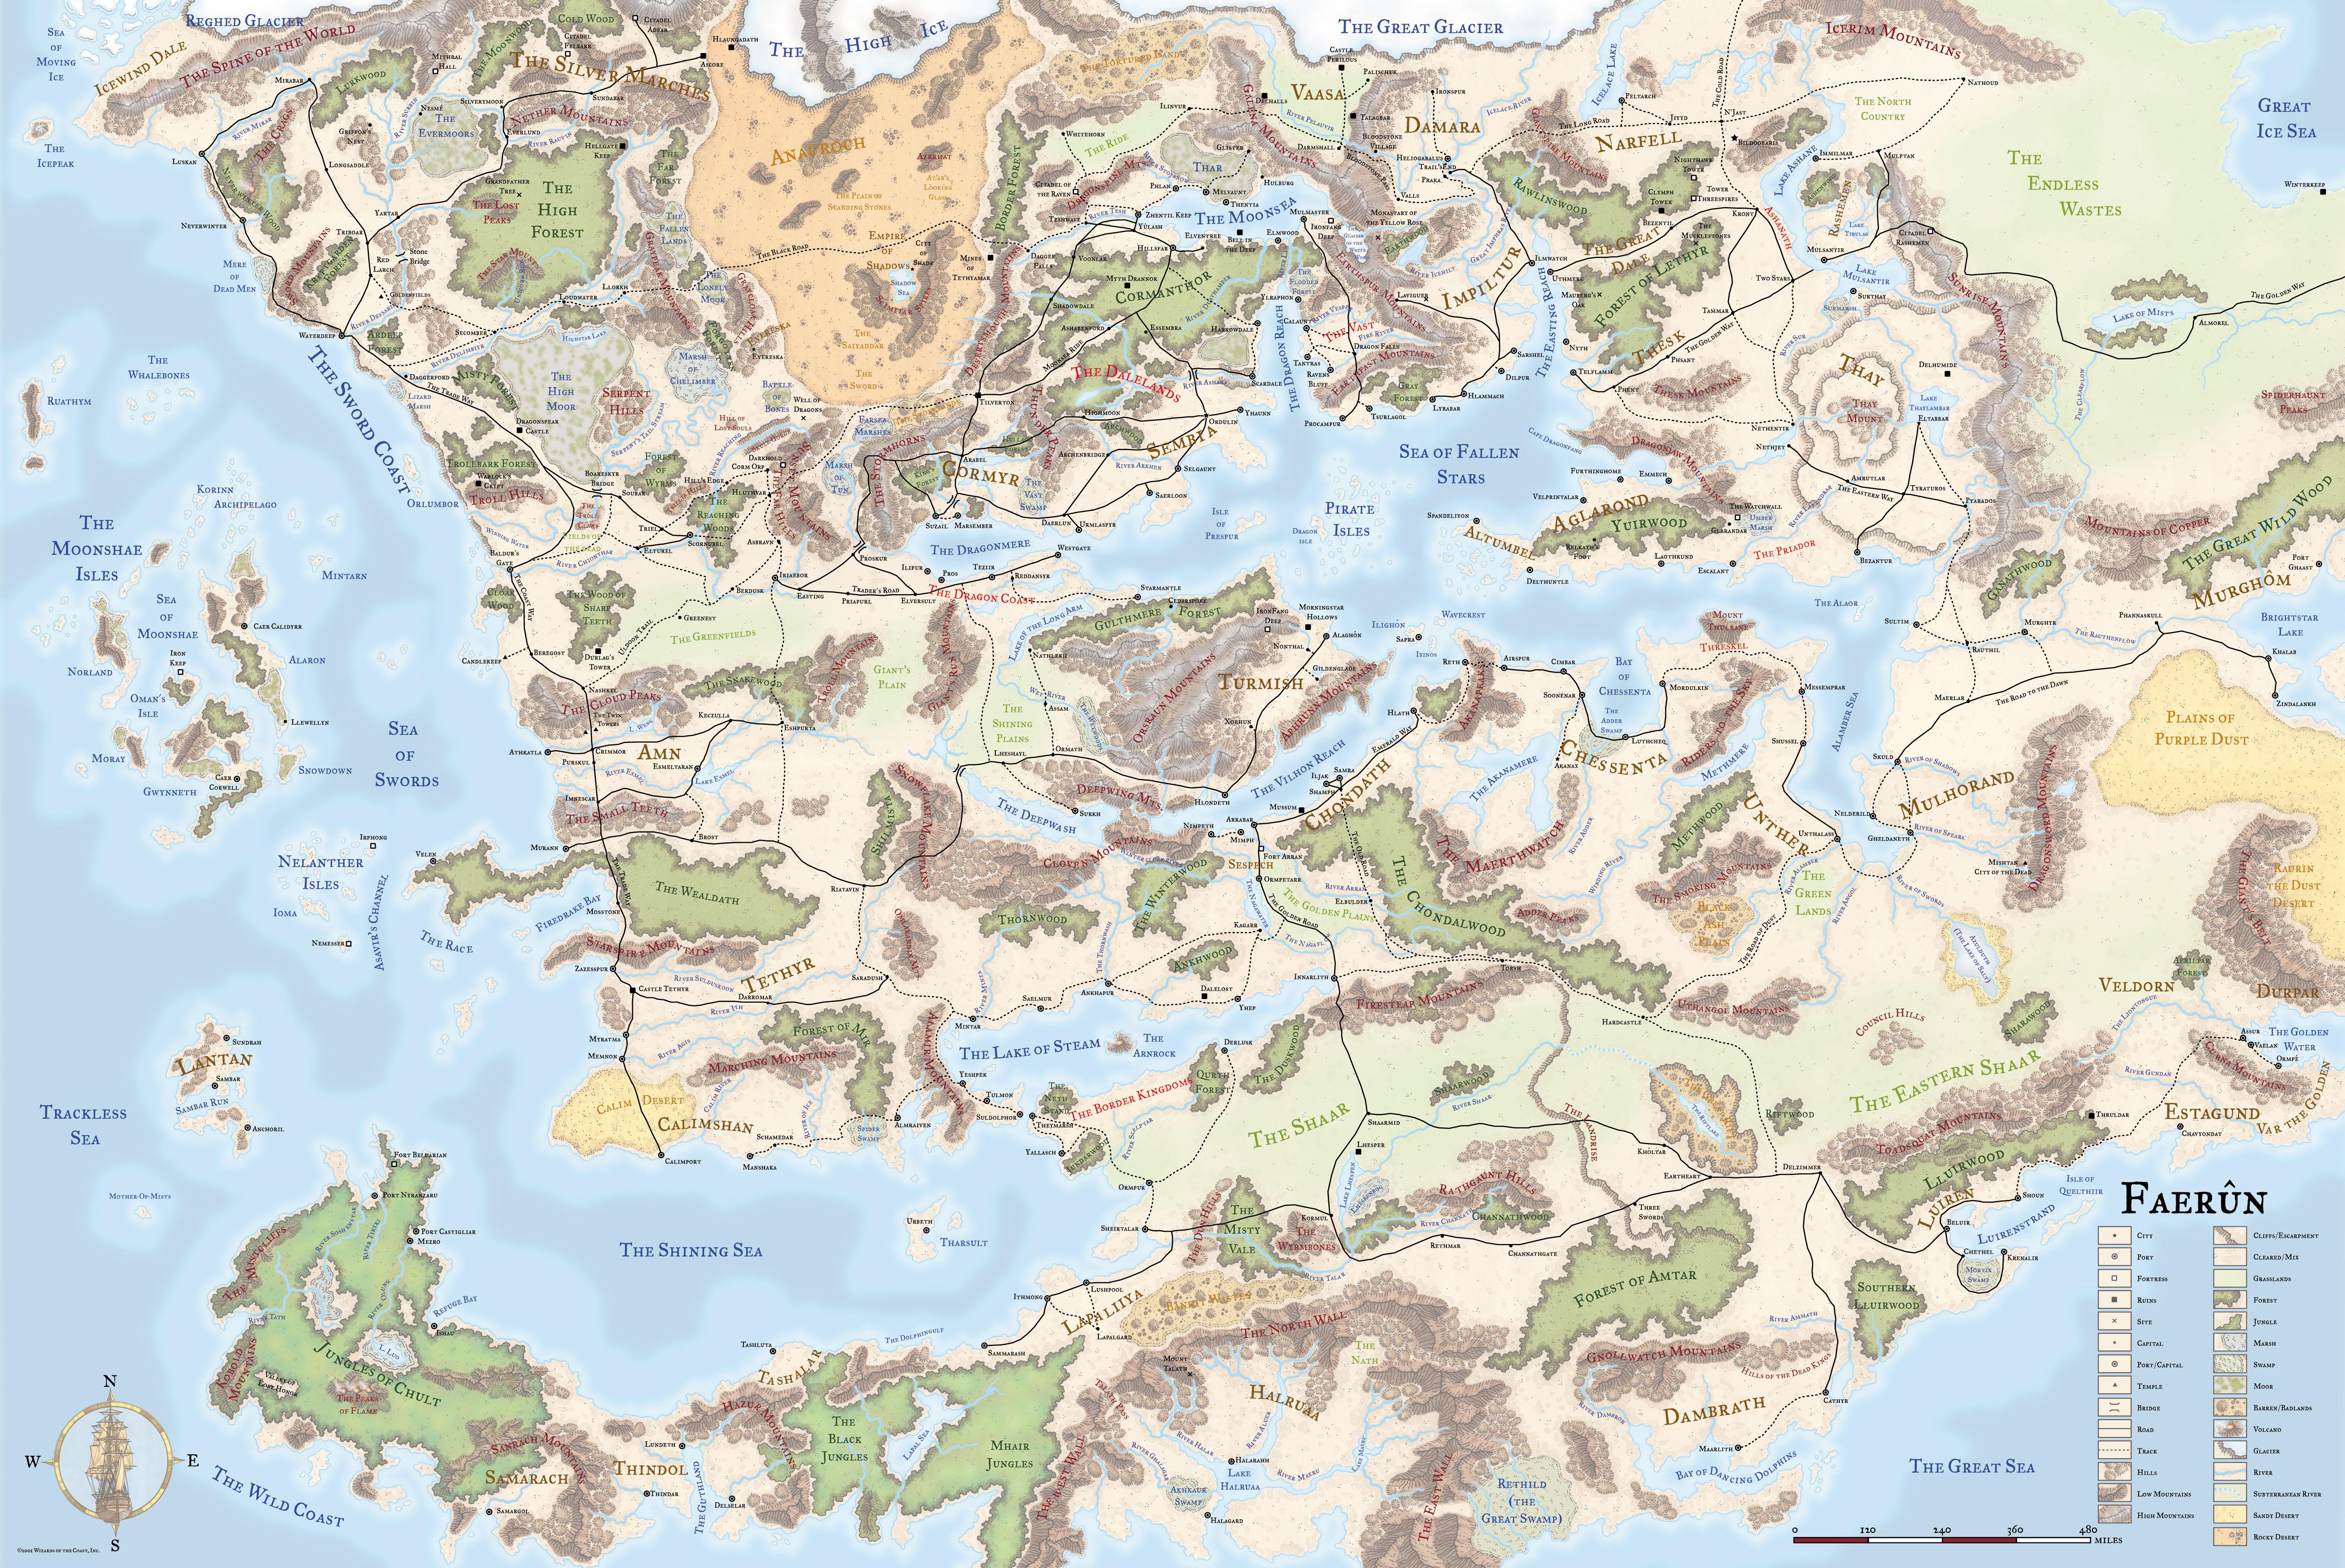 [D&D3.5] sup - Carte du continent de Faerûn